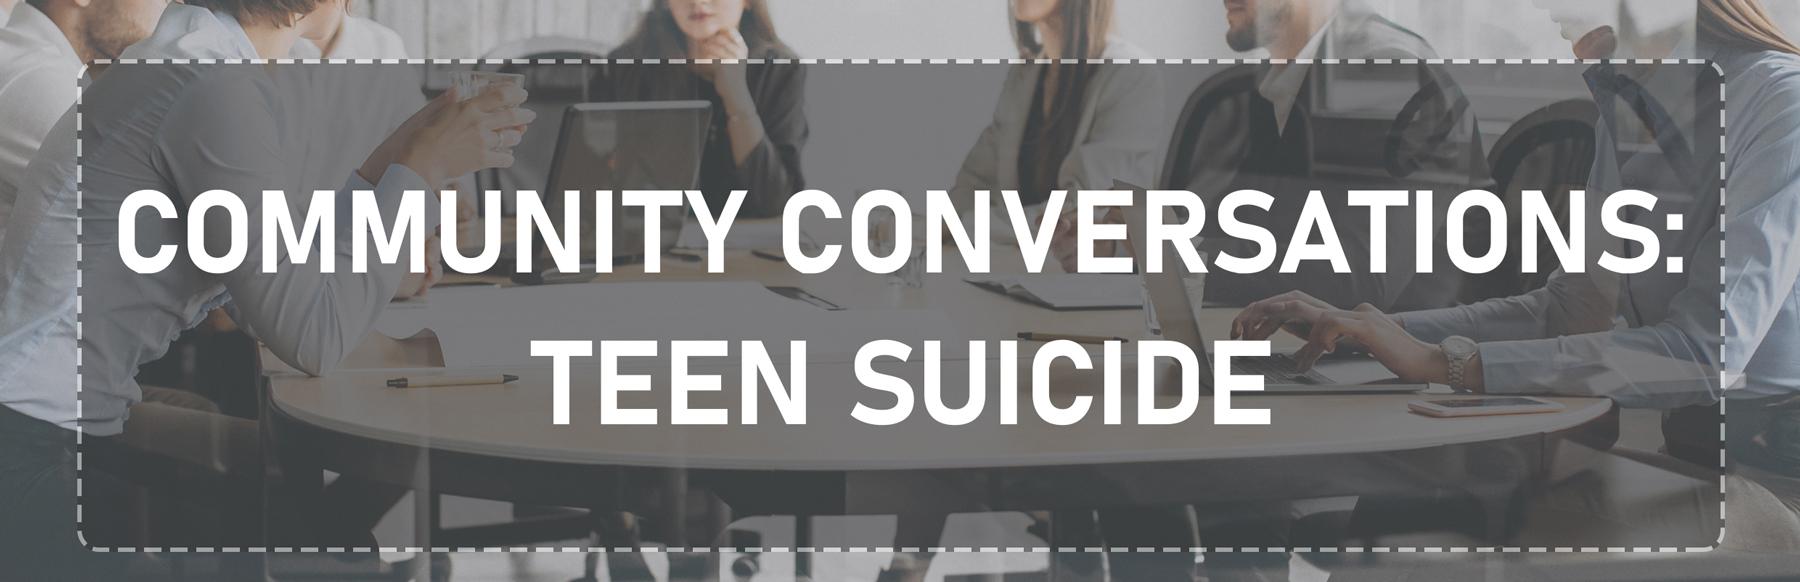 Community Conversations: Teen Suicide